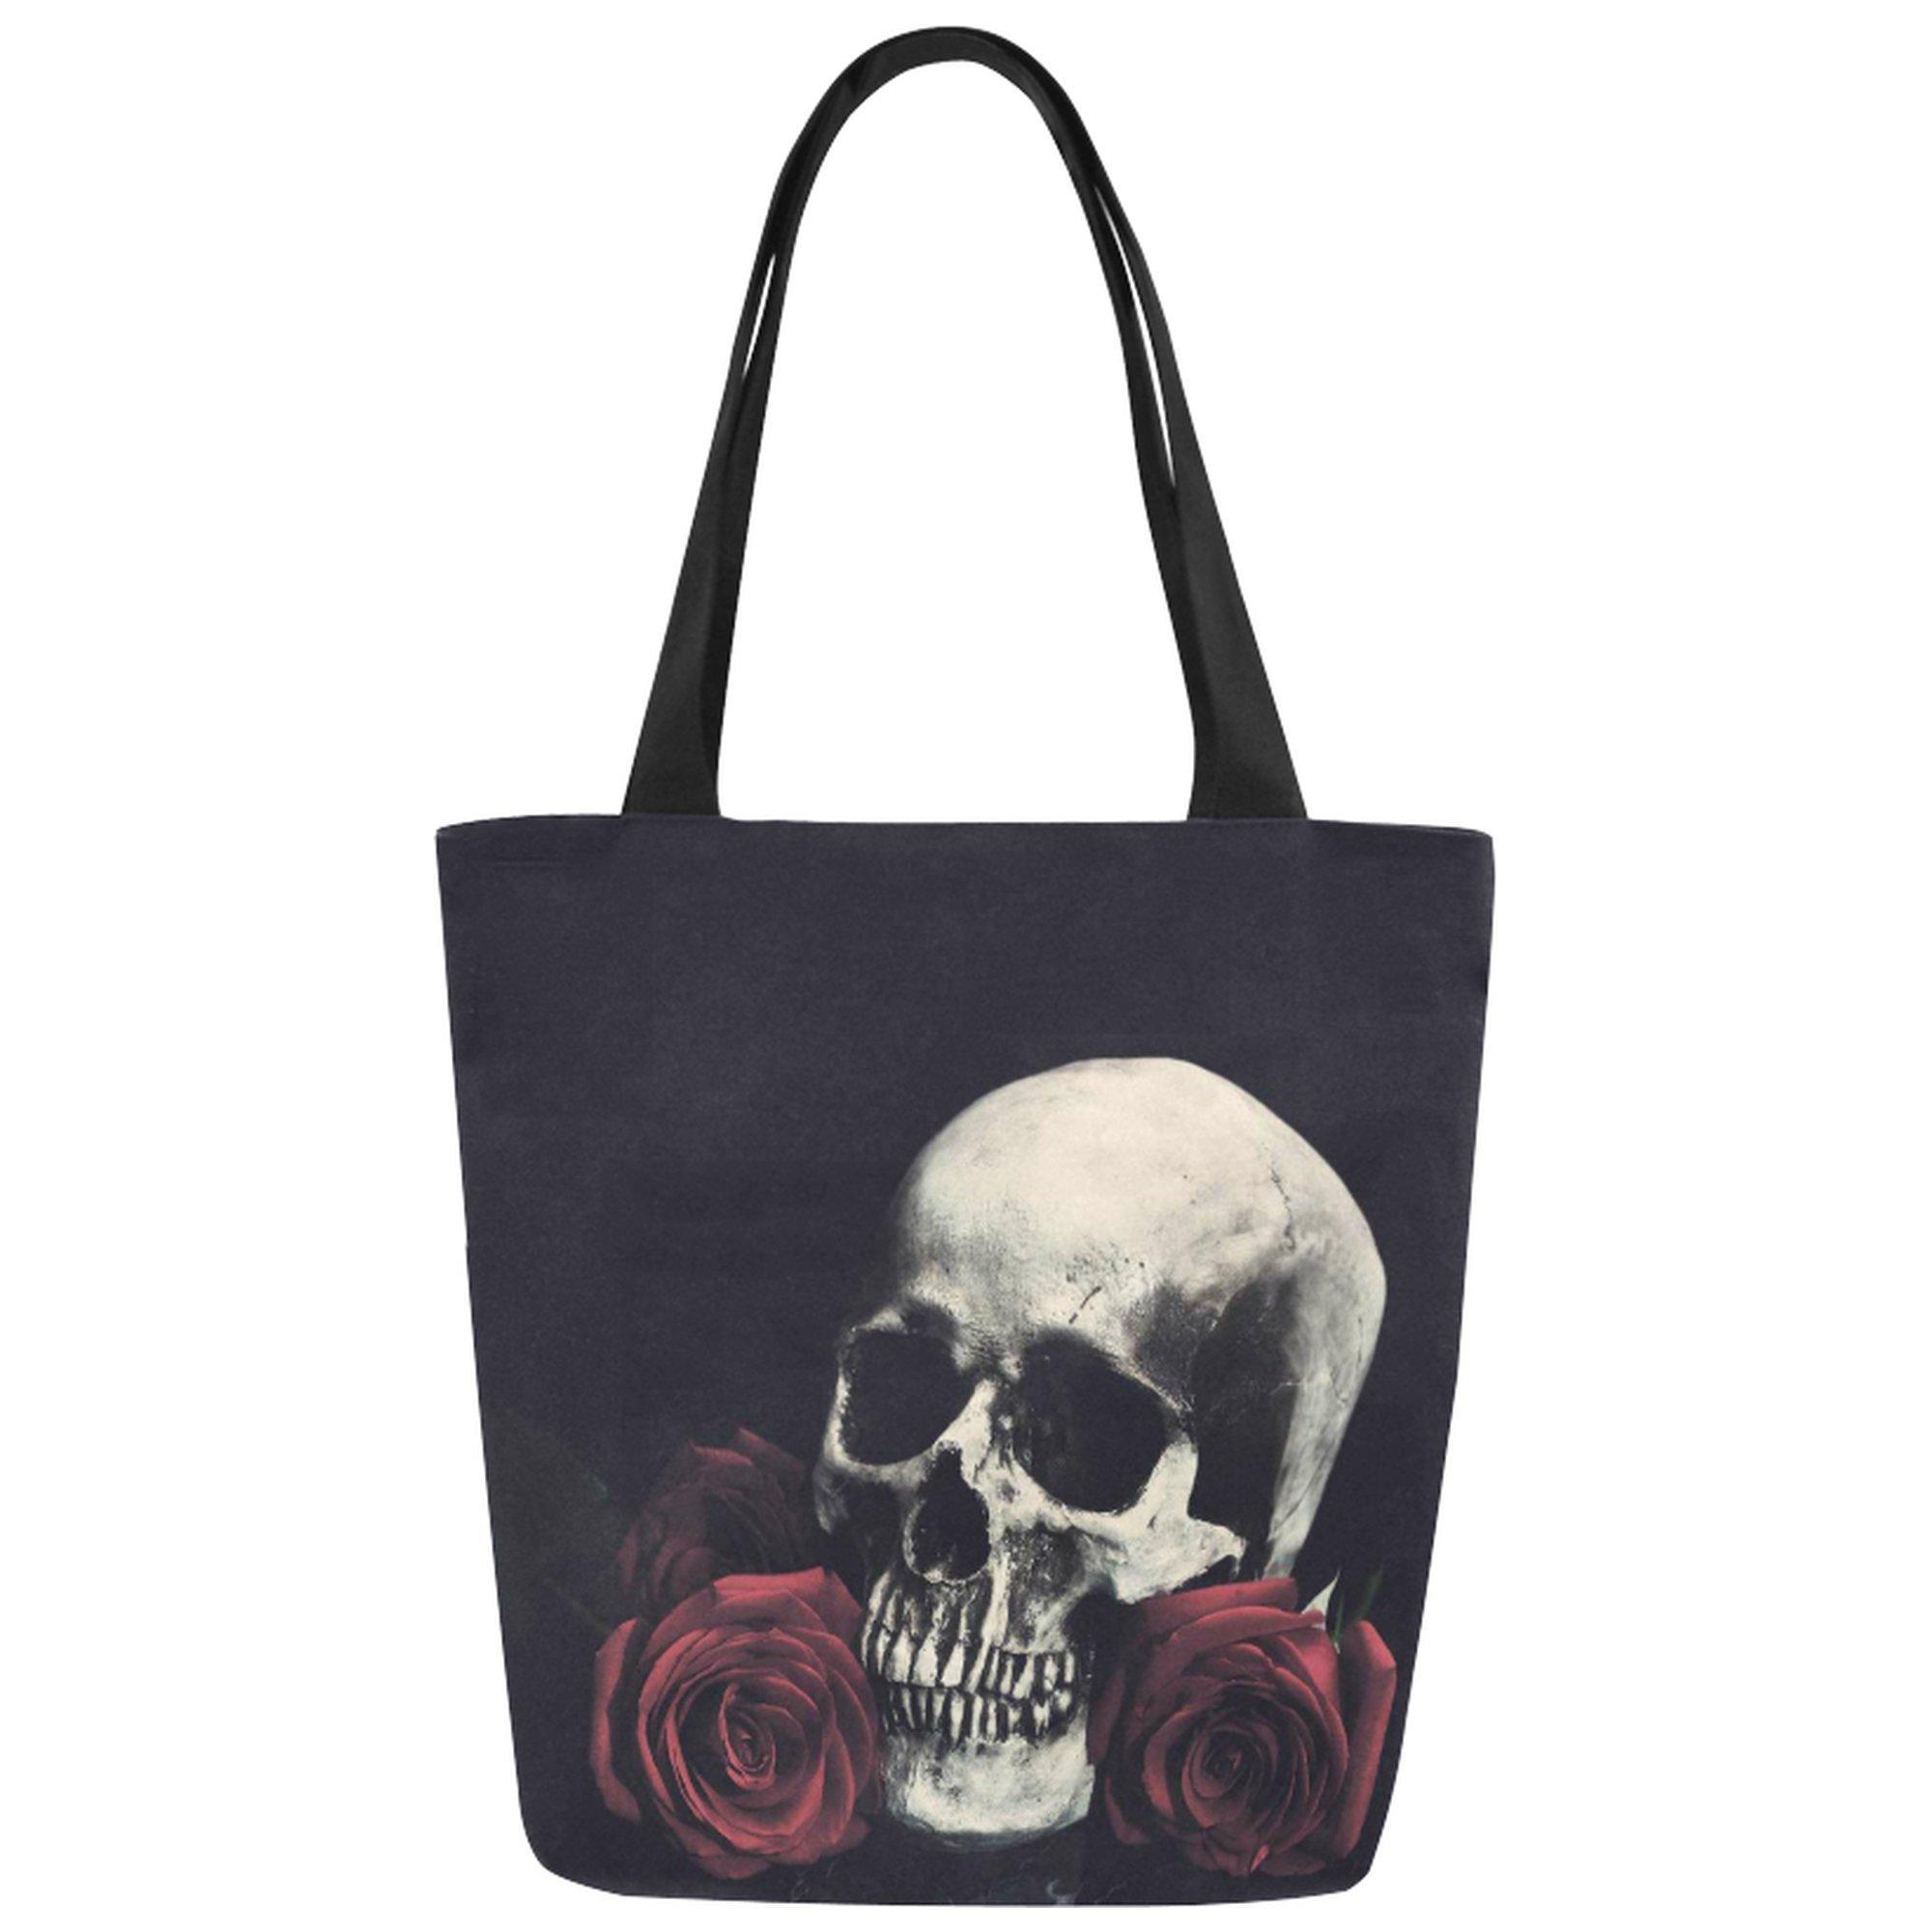 InterestPrint Vintage Rose Floral Skull Canvas Tote Bag Shoulder Handbag for Women Girls